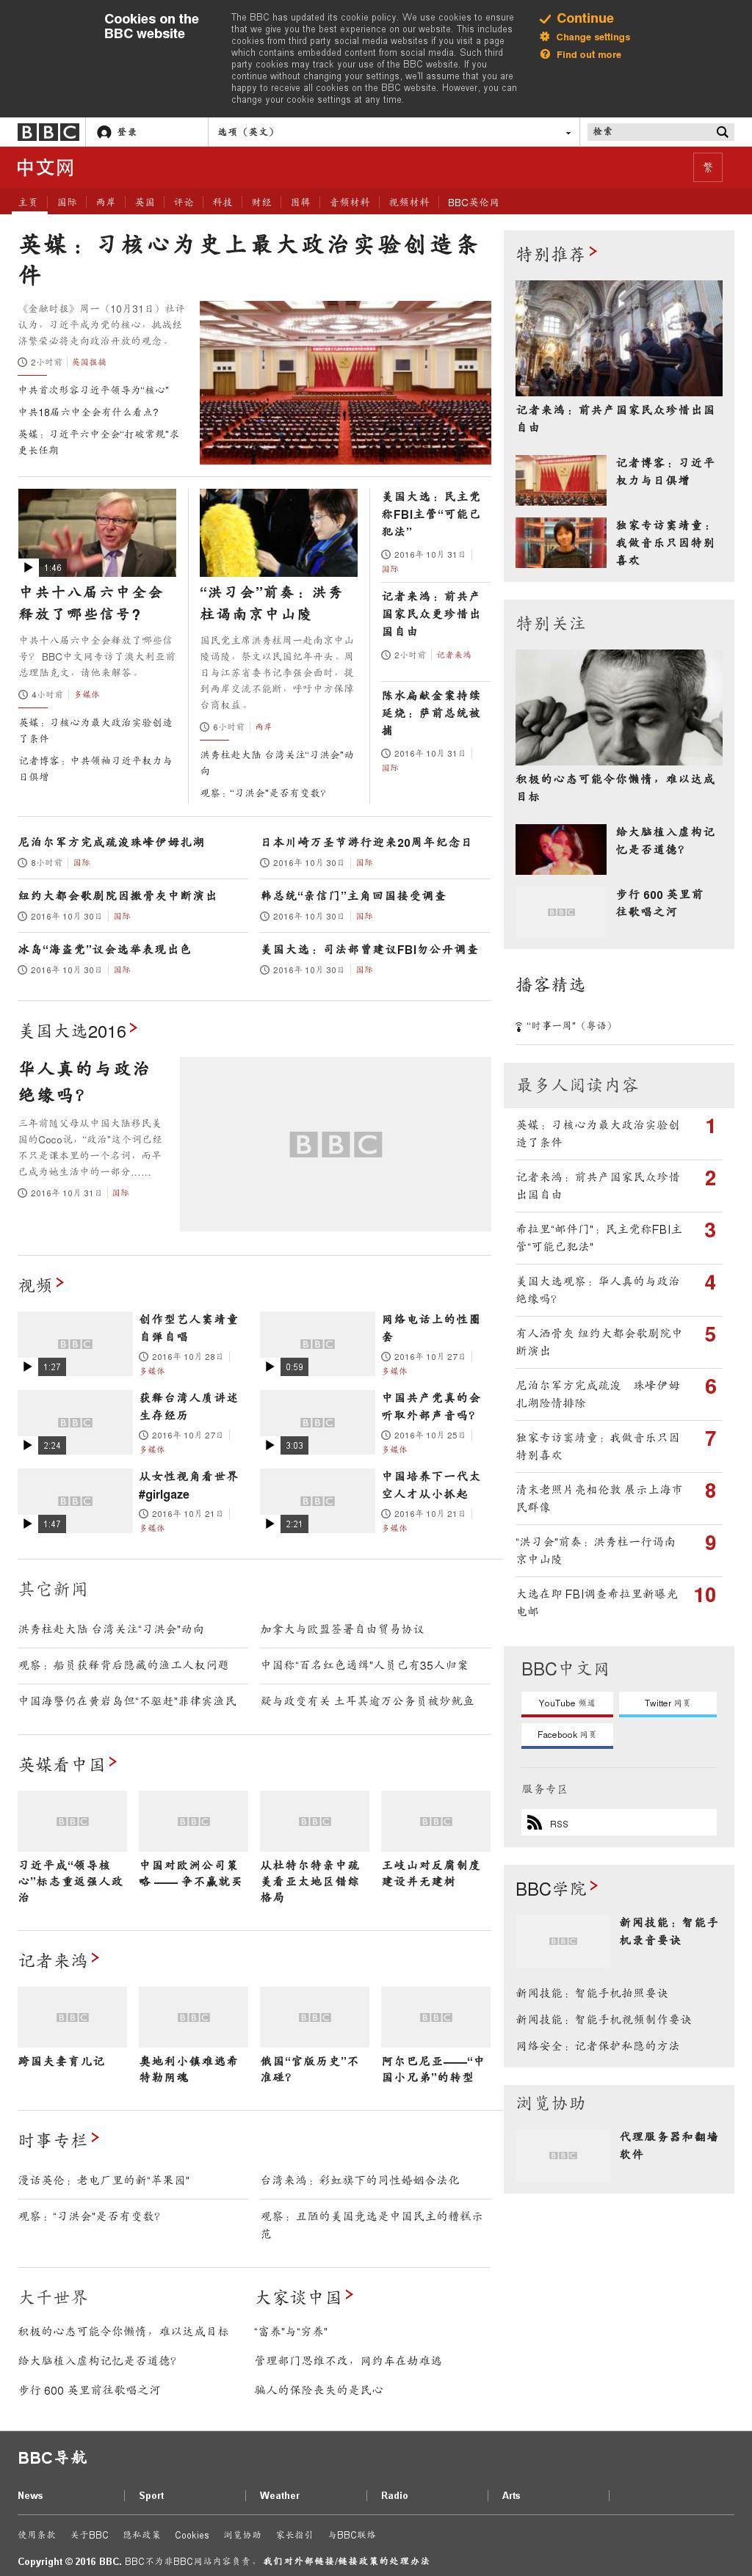 BBC (Chinese) at Monday Oct. 31, 2016, 2 p.m. UTC